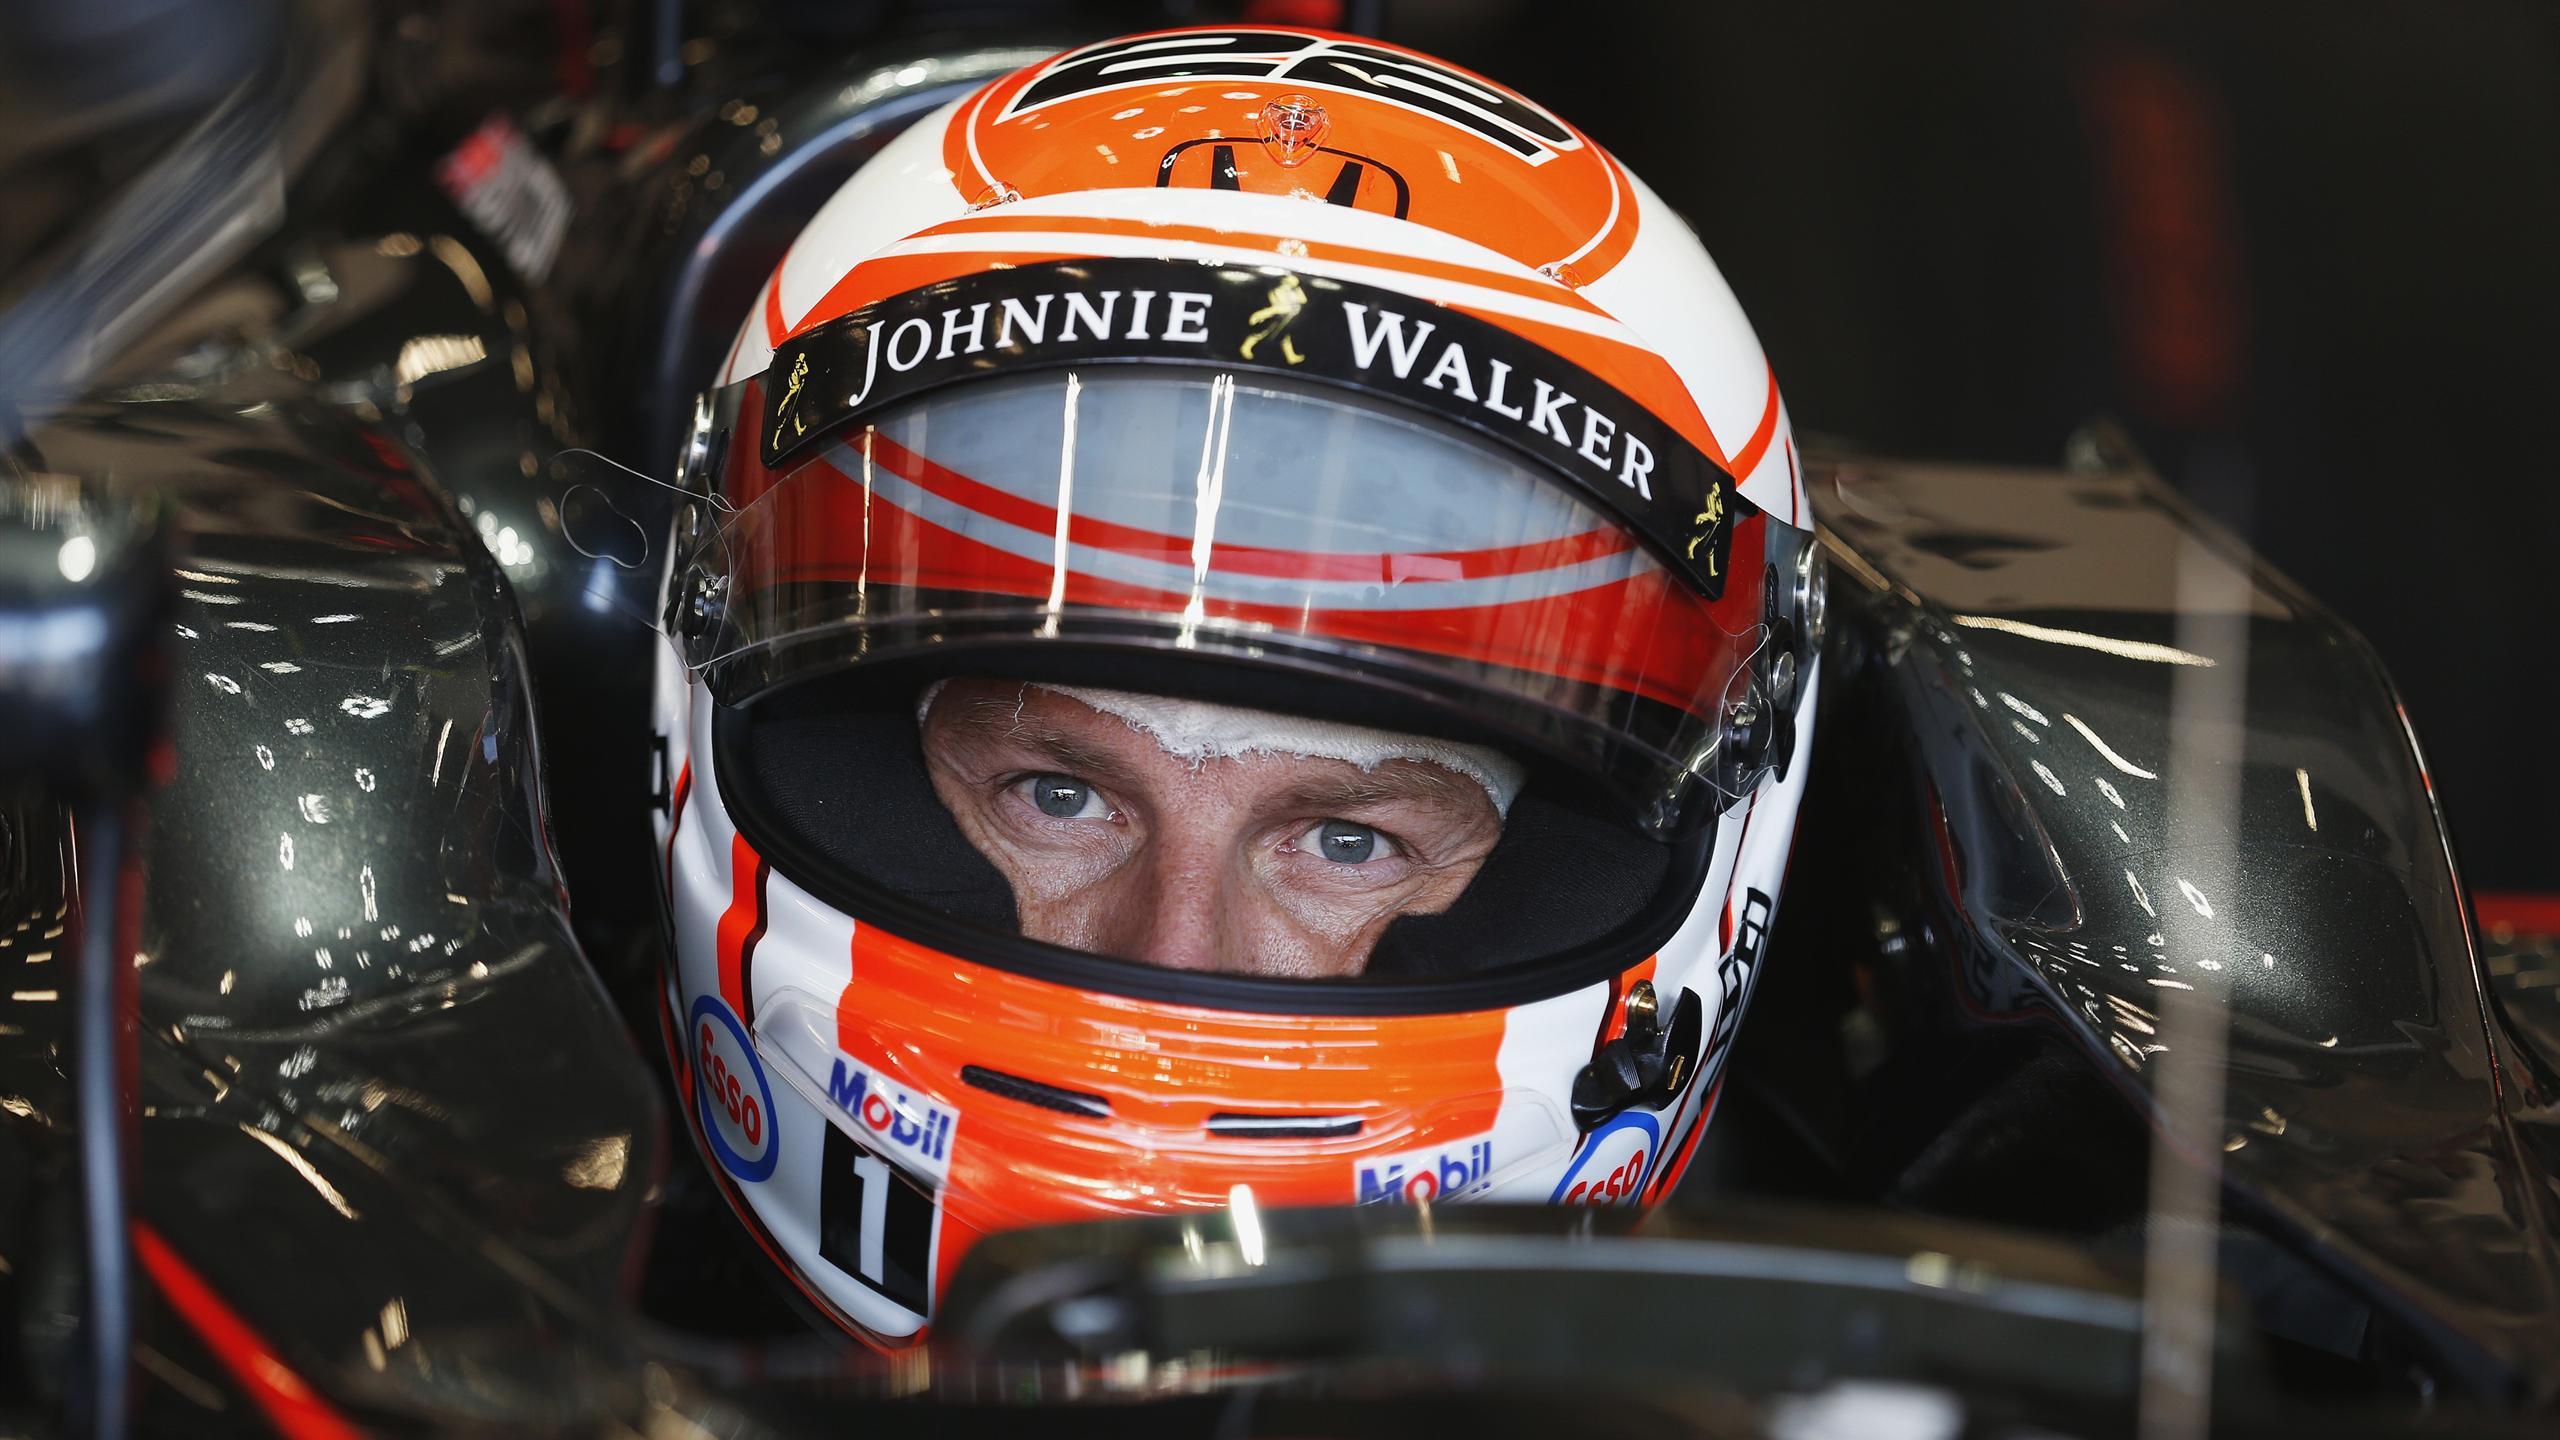 Jenson Button (McLaren) au Grand Prix de Belgique 2015